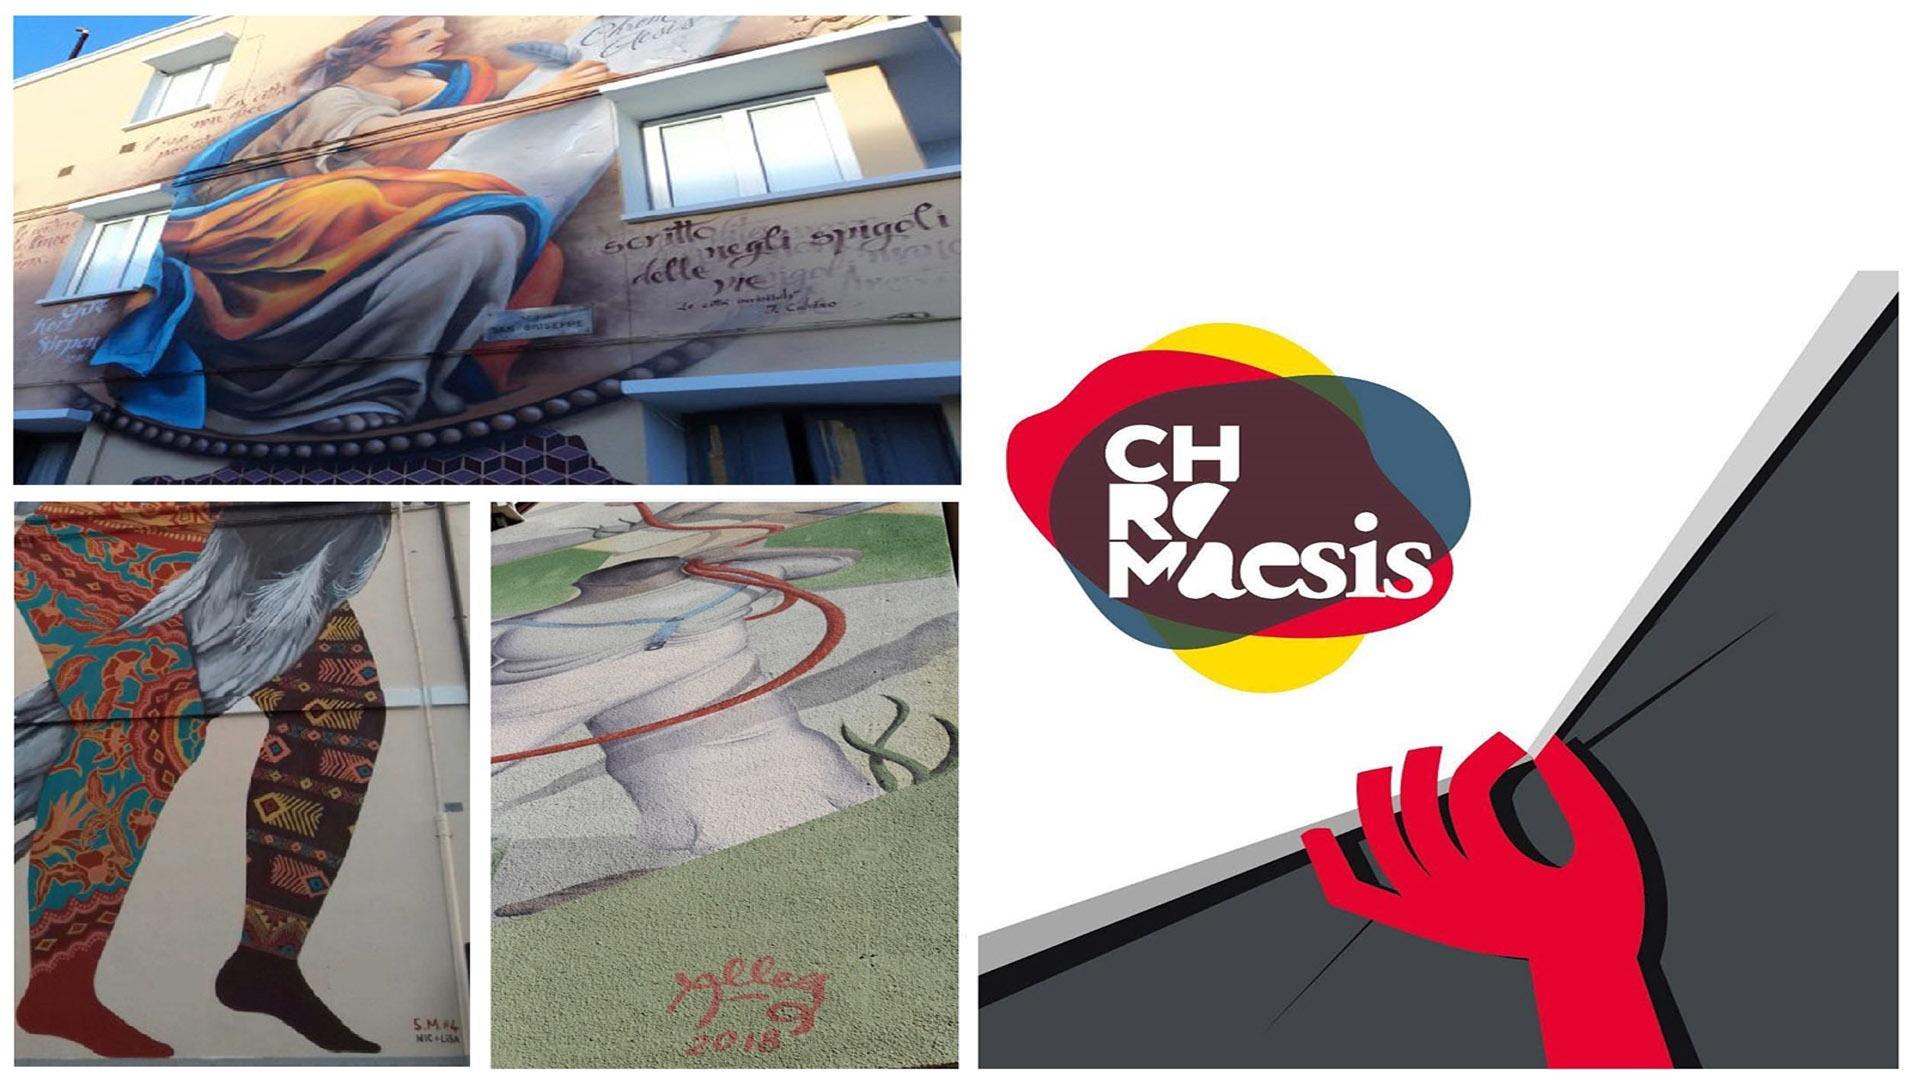 Chromaesis,  l'integrazione attraverso l'arte a Jesi